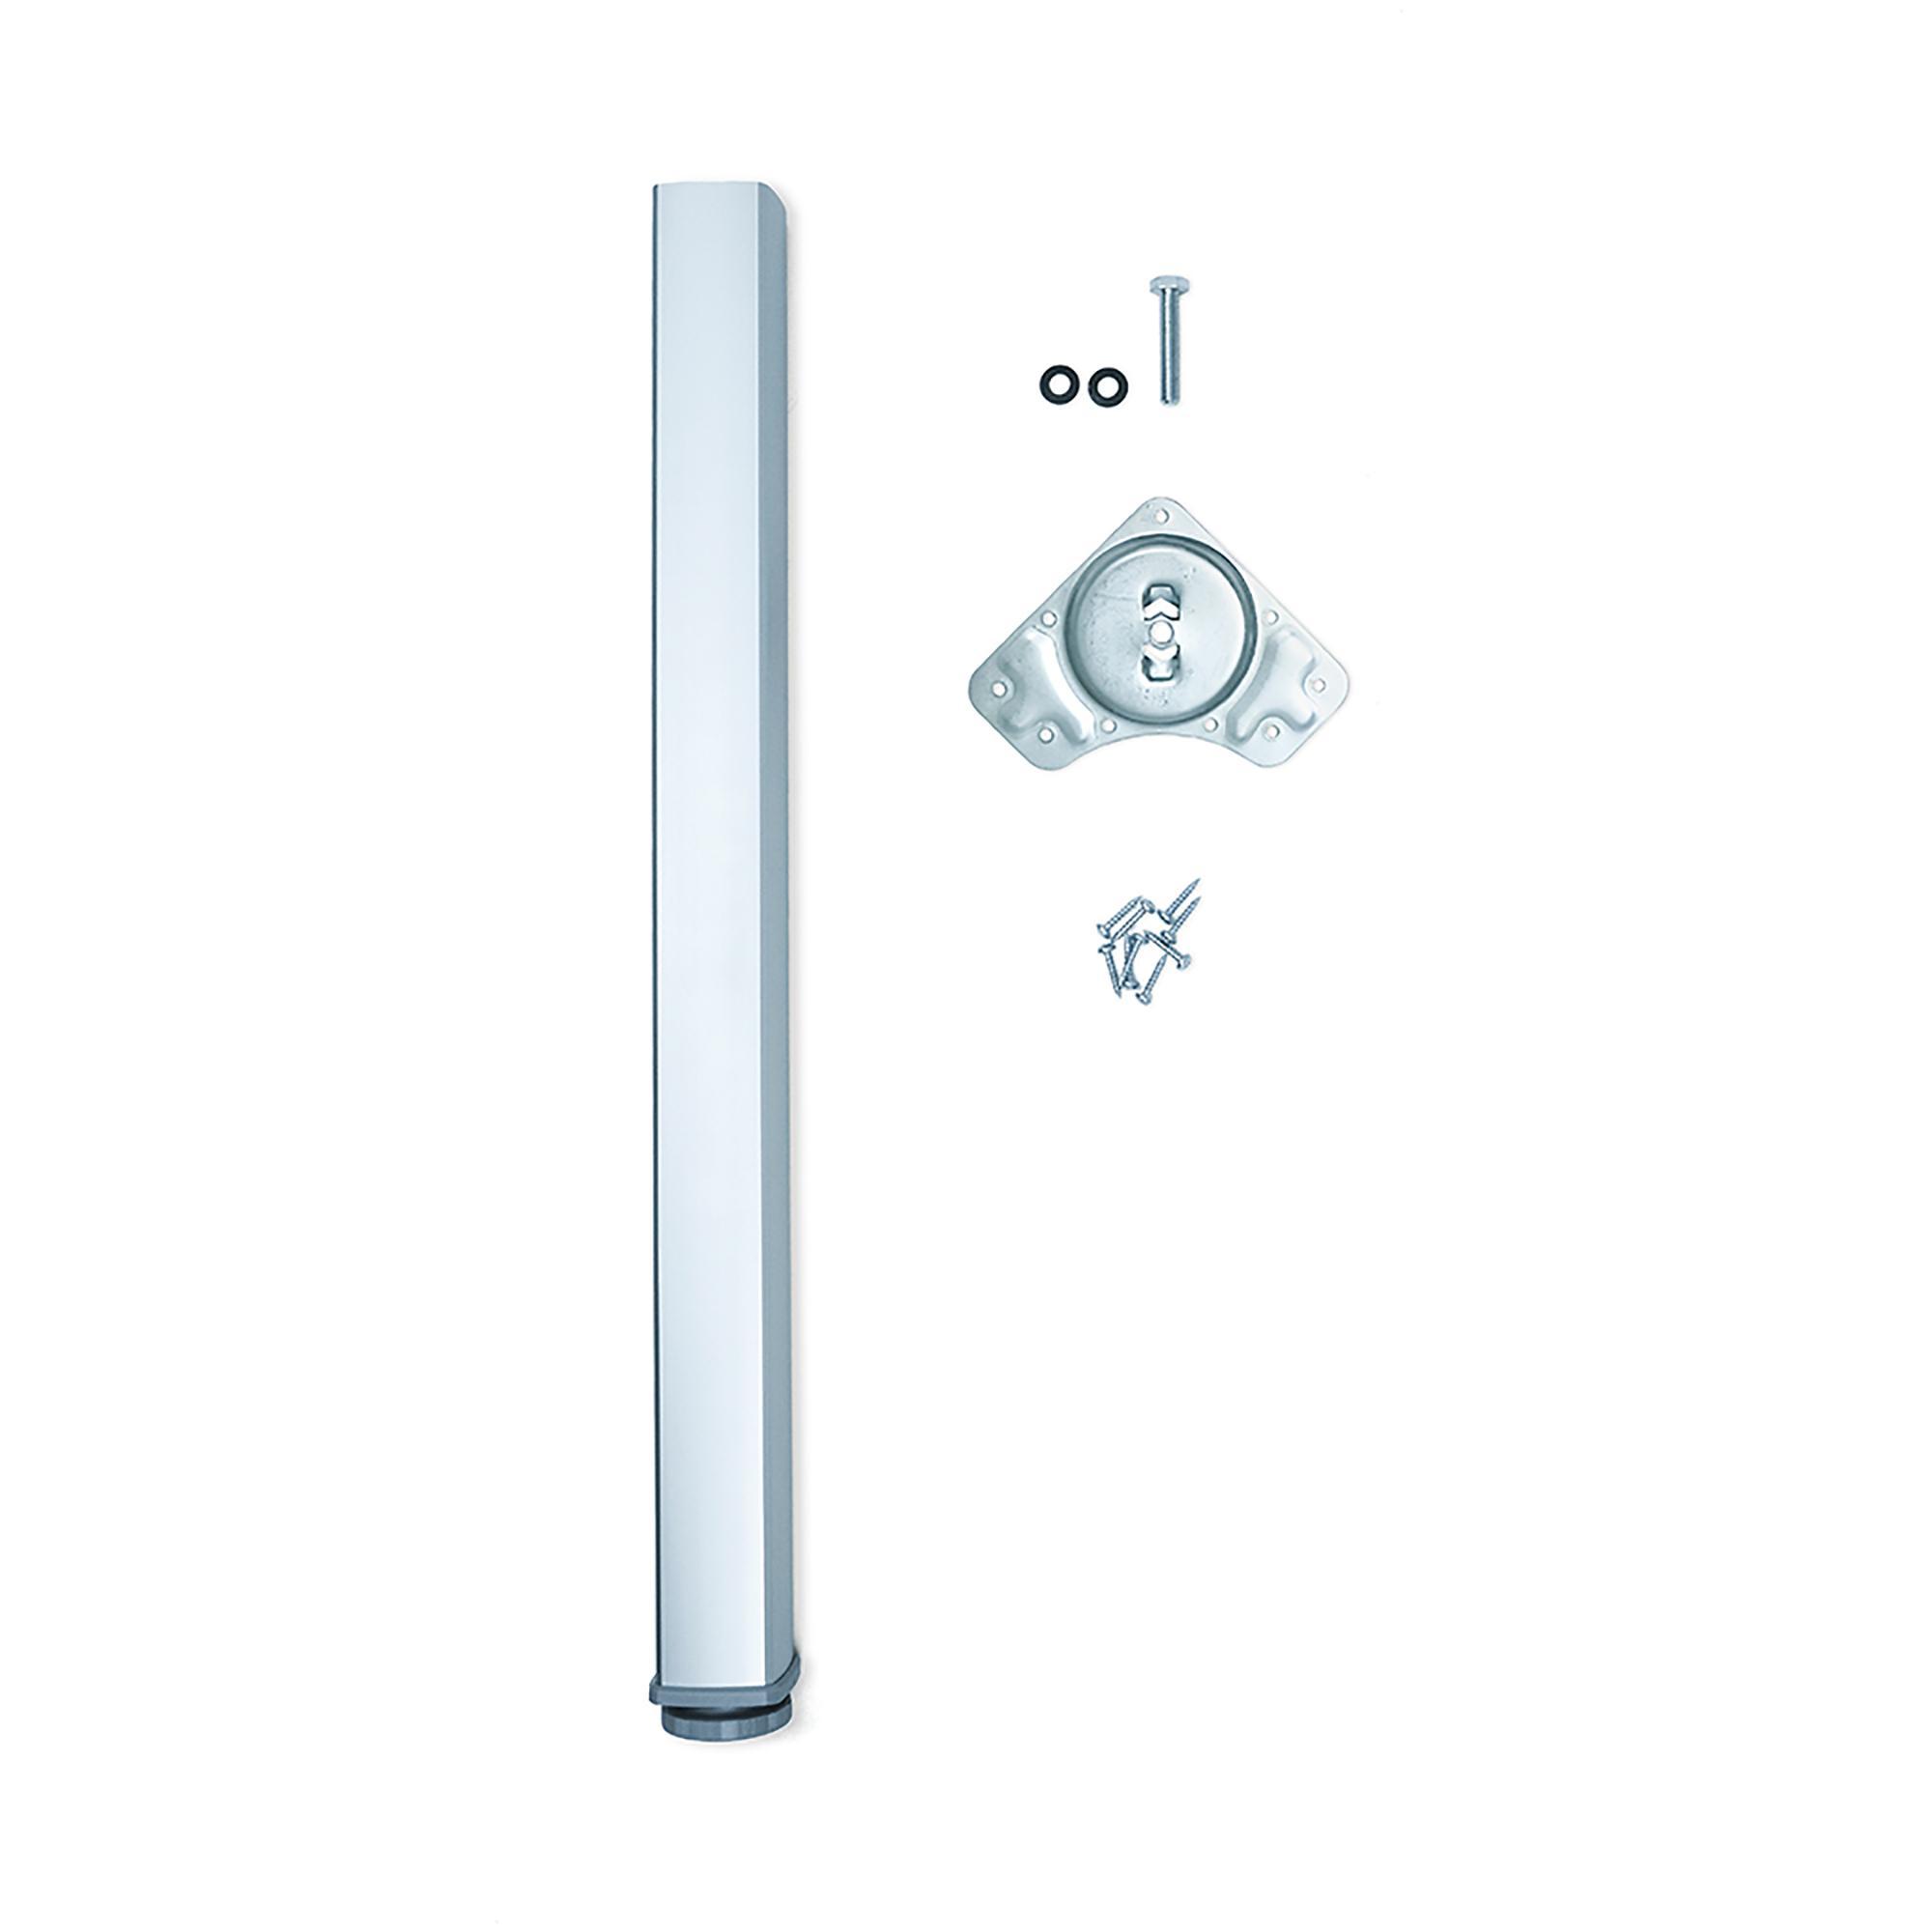 Gambe Per Tavoli In Alluminio.Gambe Regolabili Per Tavolo Fitwid Emuca In Alluminio Emuca